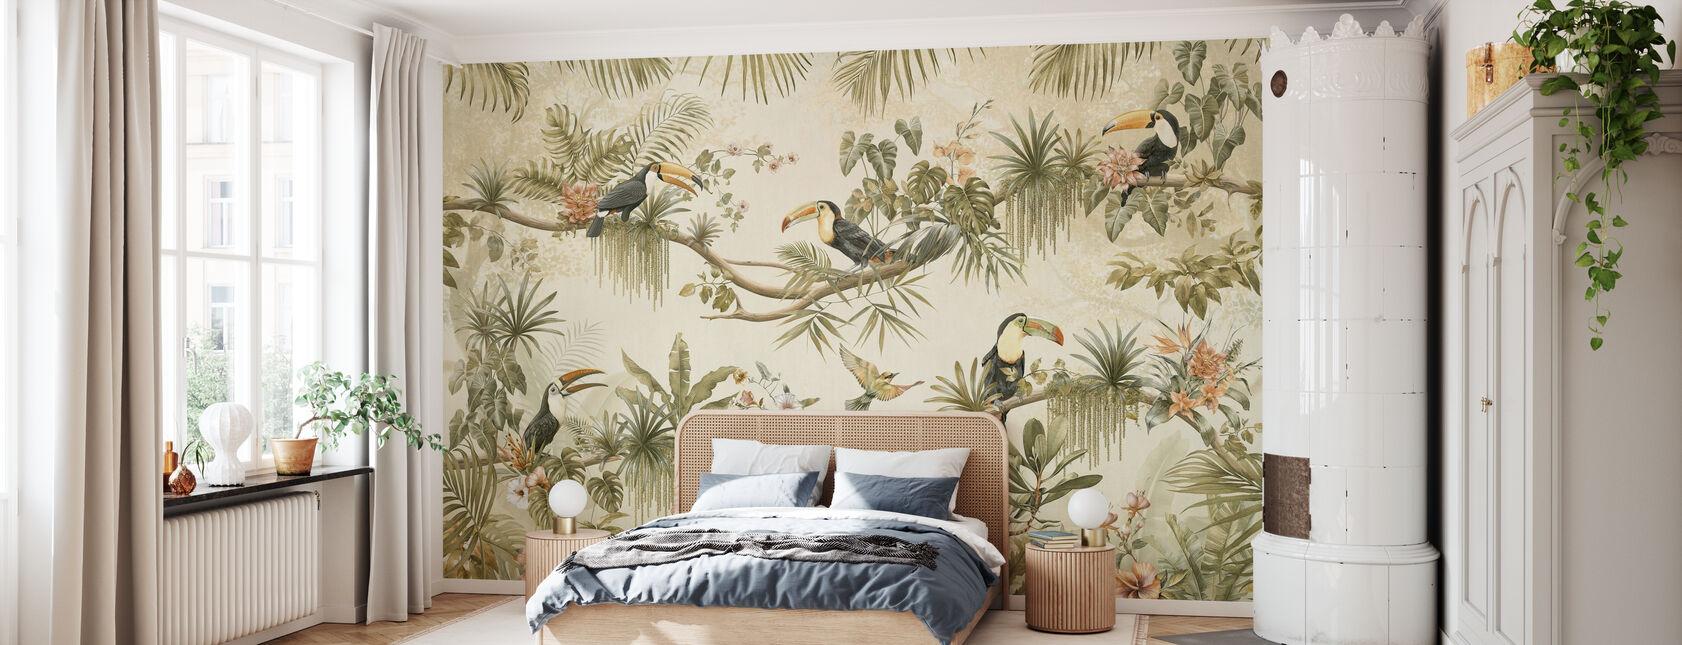 Parrot Friends - Sepia - Wallpaper - Bedroom